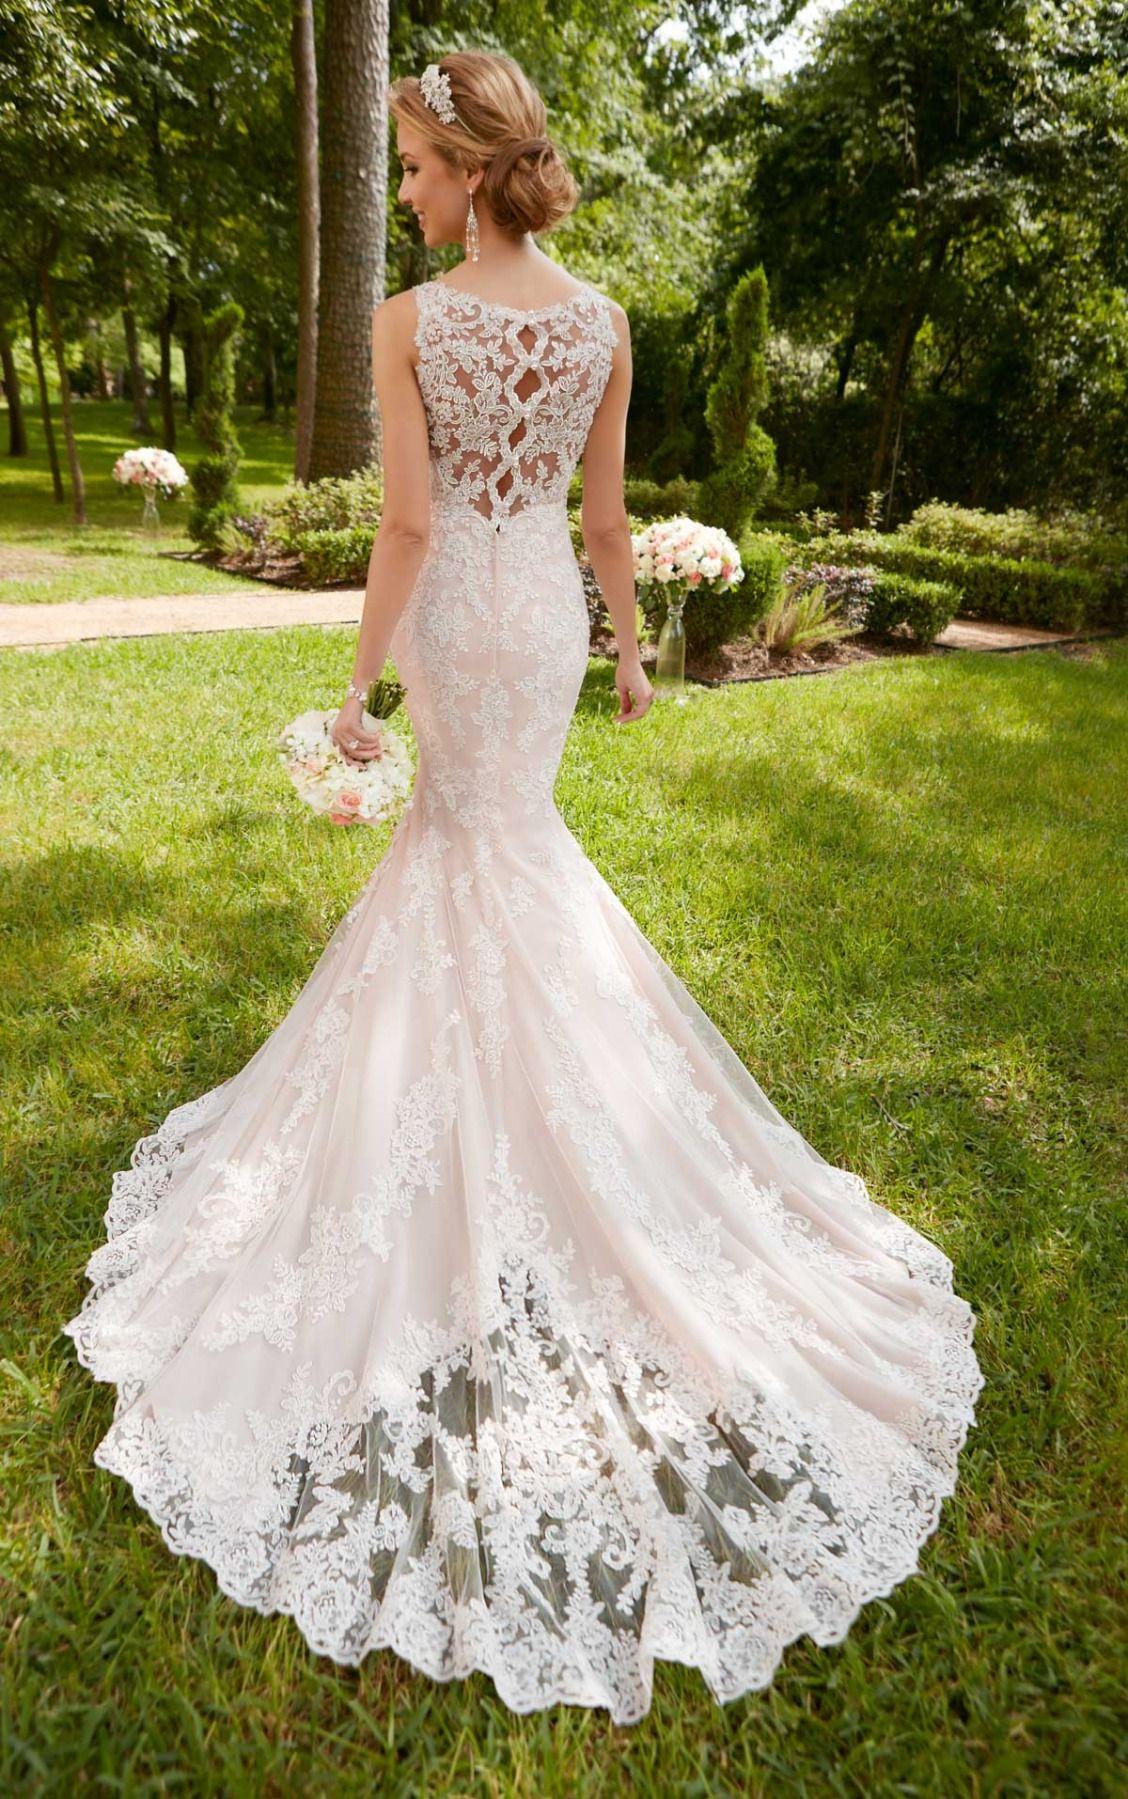 Scalloped Lace Keyhole Back Wedding Dress Stella York Keyhole Back Wedding Dress Stella York Wedding Dress Wedding Dresses